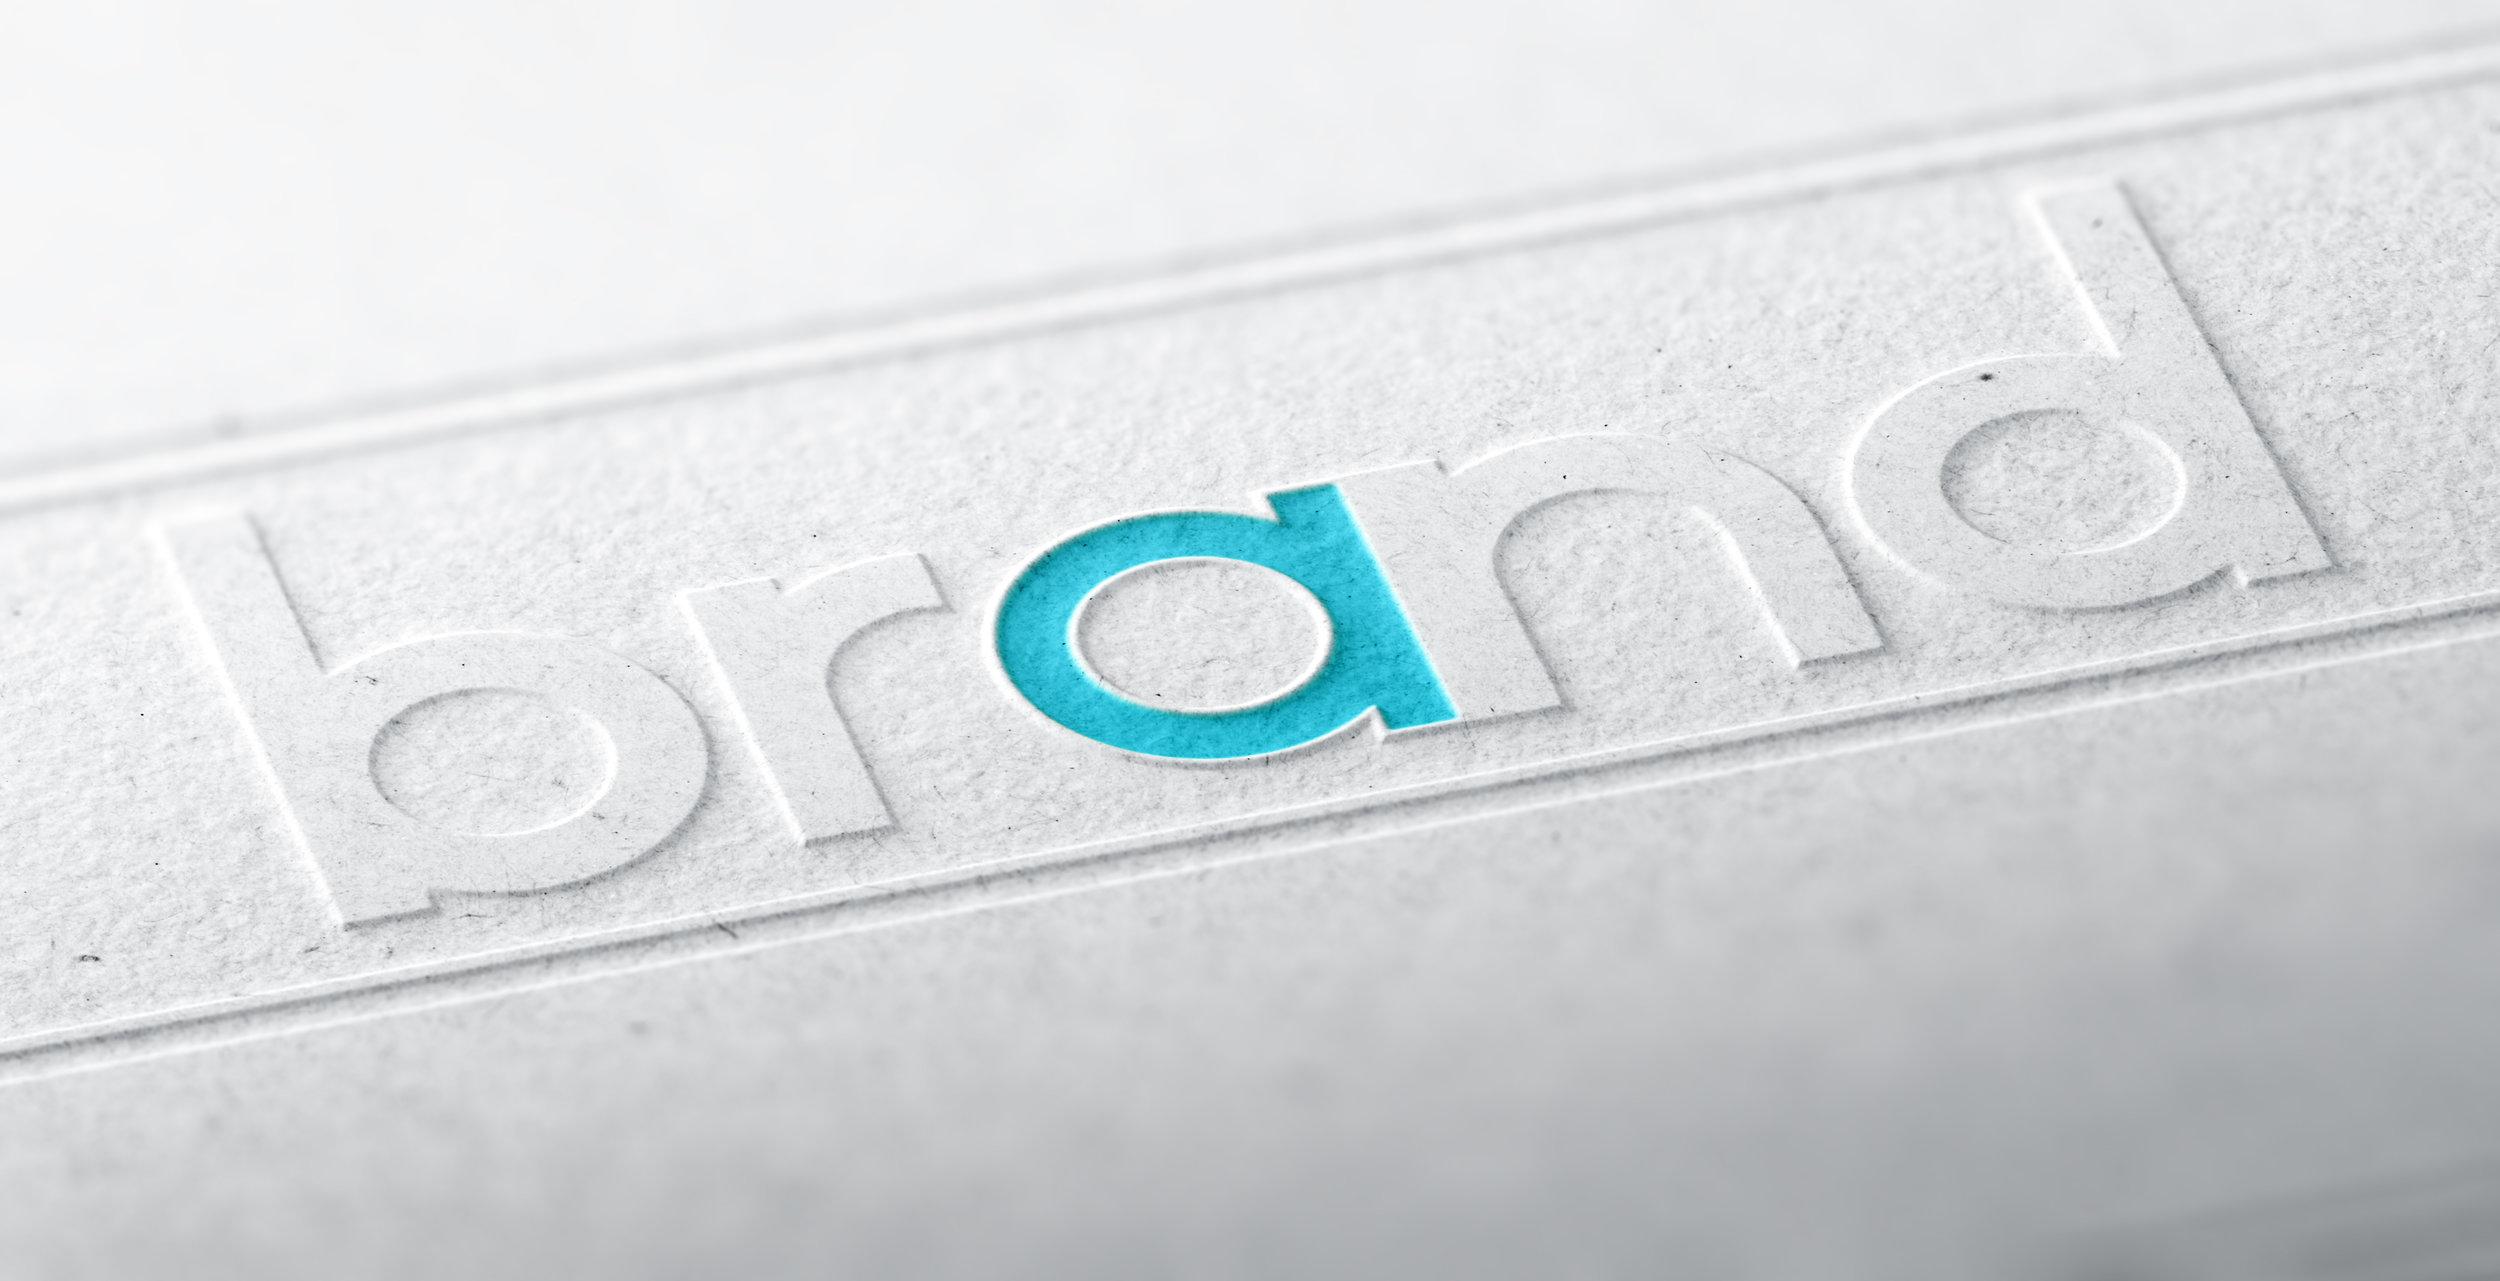 brand content  Forniamo servizi di brand content ai clienti, offrendo loro le migliori strategie per collocare prodotti commerciali all'interno di programmi televisivi e di gruppi editoriali.